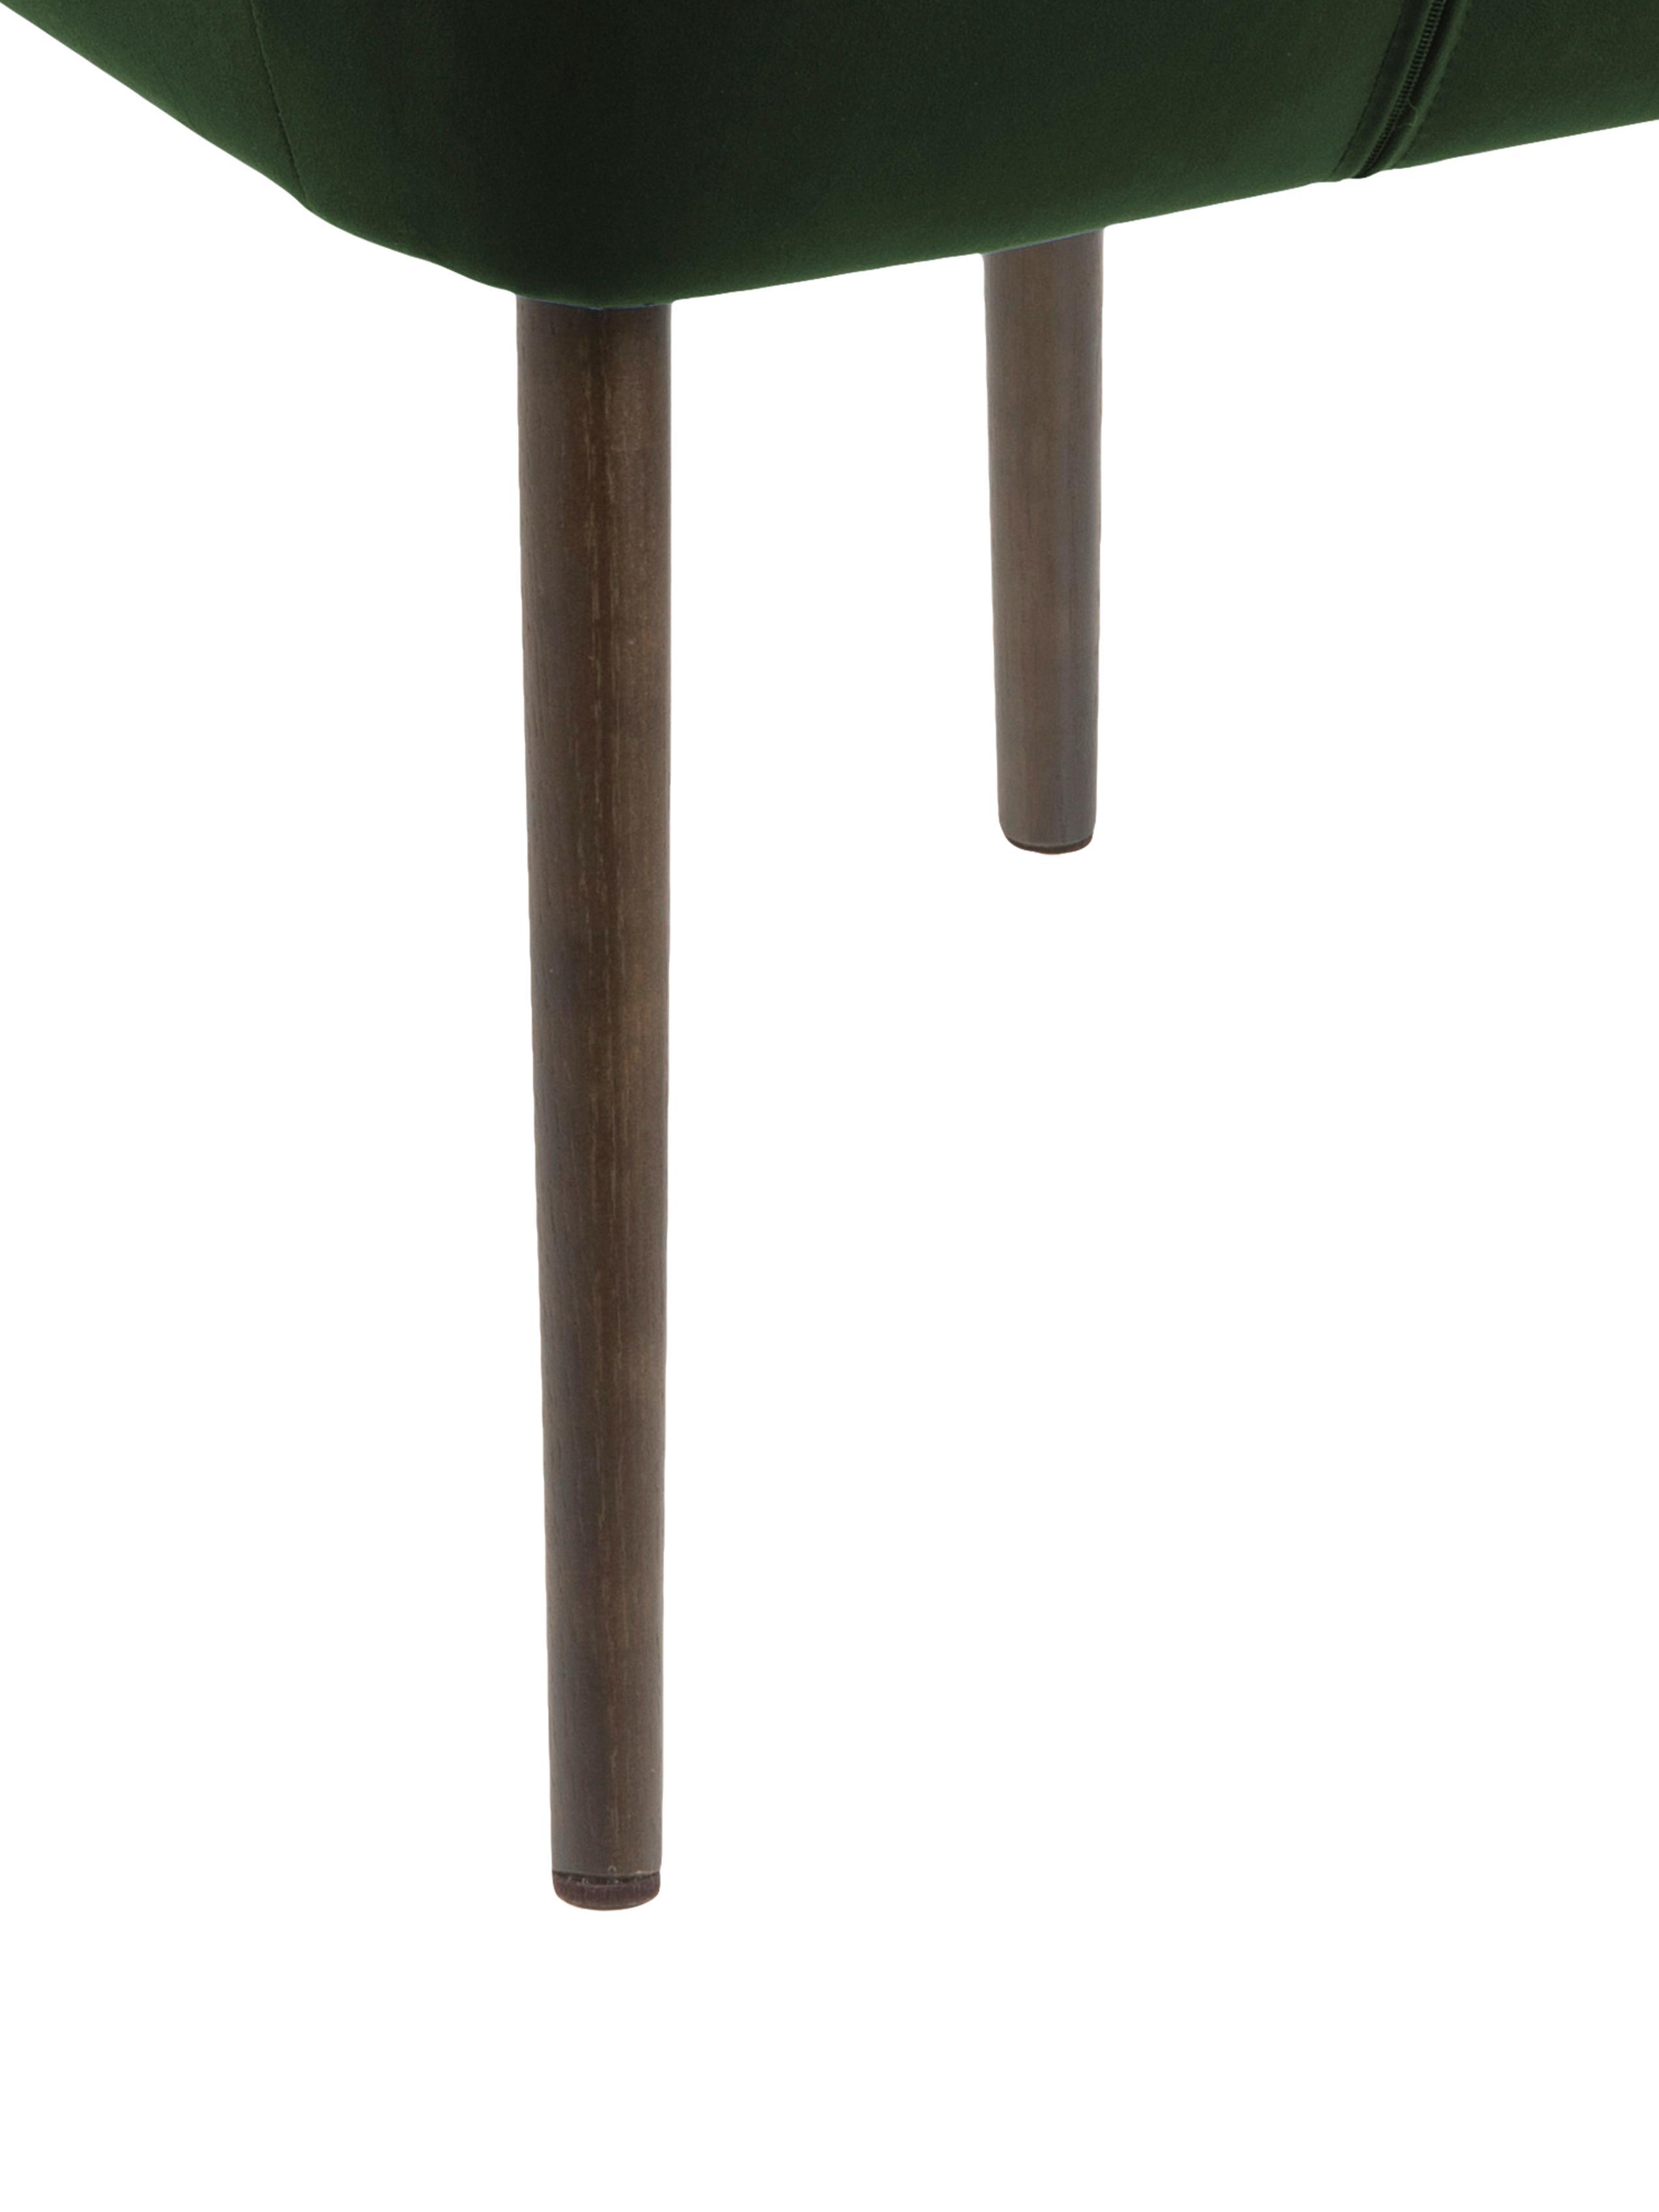 Samt-Polsterstuhl Nora mit Armlehne, Bezug: Polyester (Samt), Beine: Eichenholz, gebeizt, Samt Waldgrün, Beine Dunkelbraun, B 58 x T 58 cm